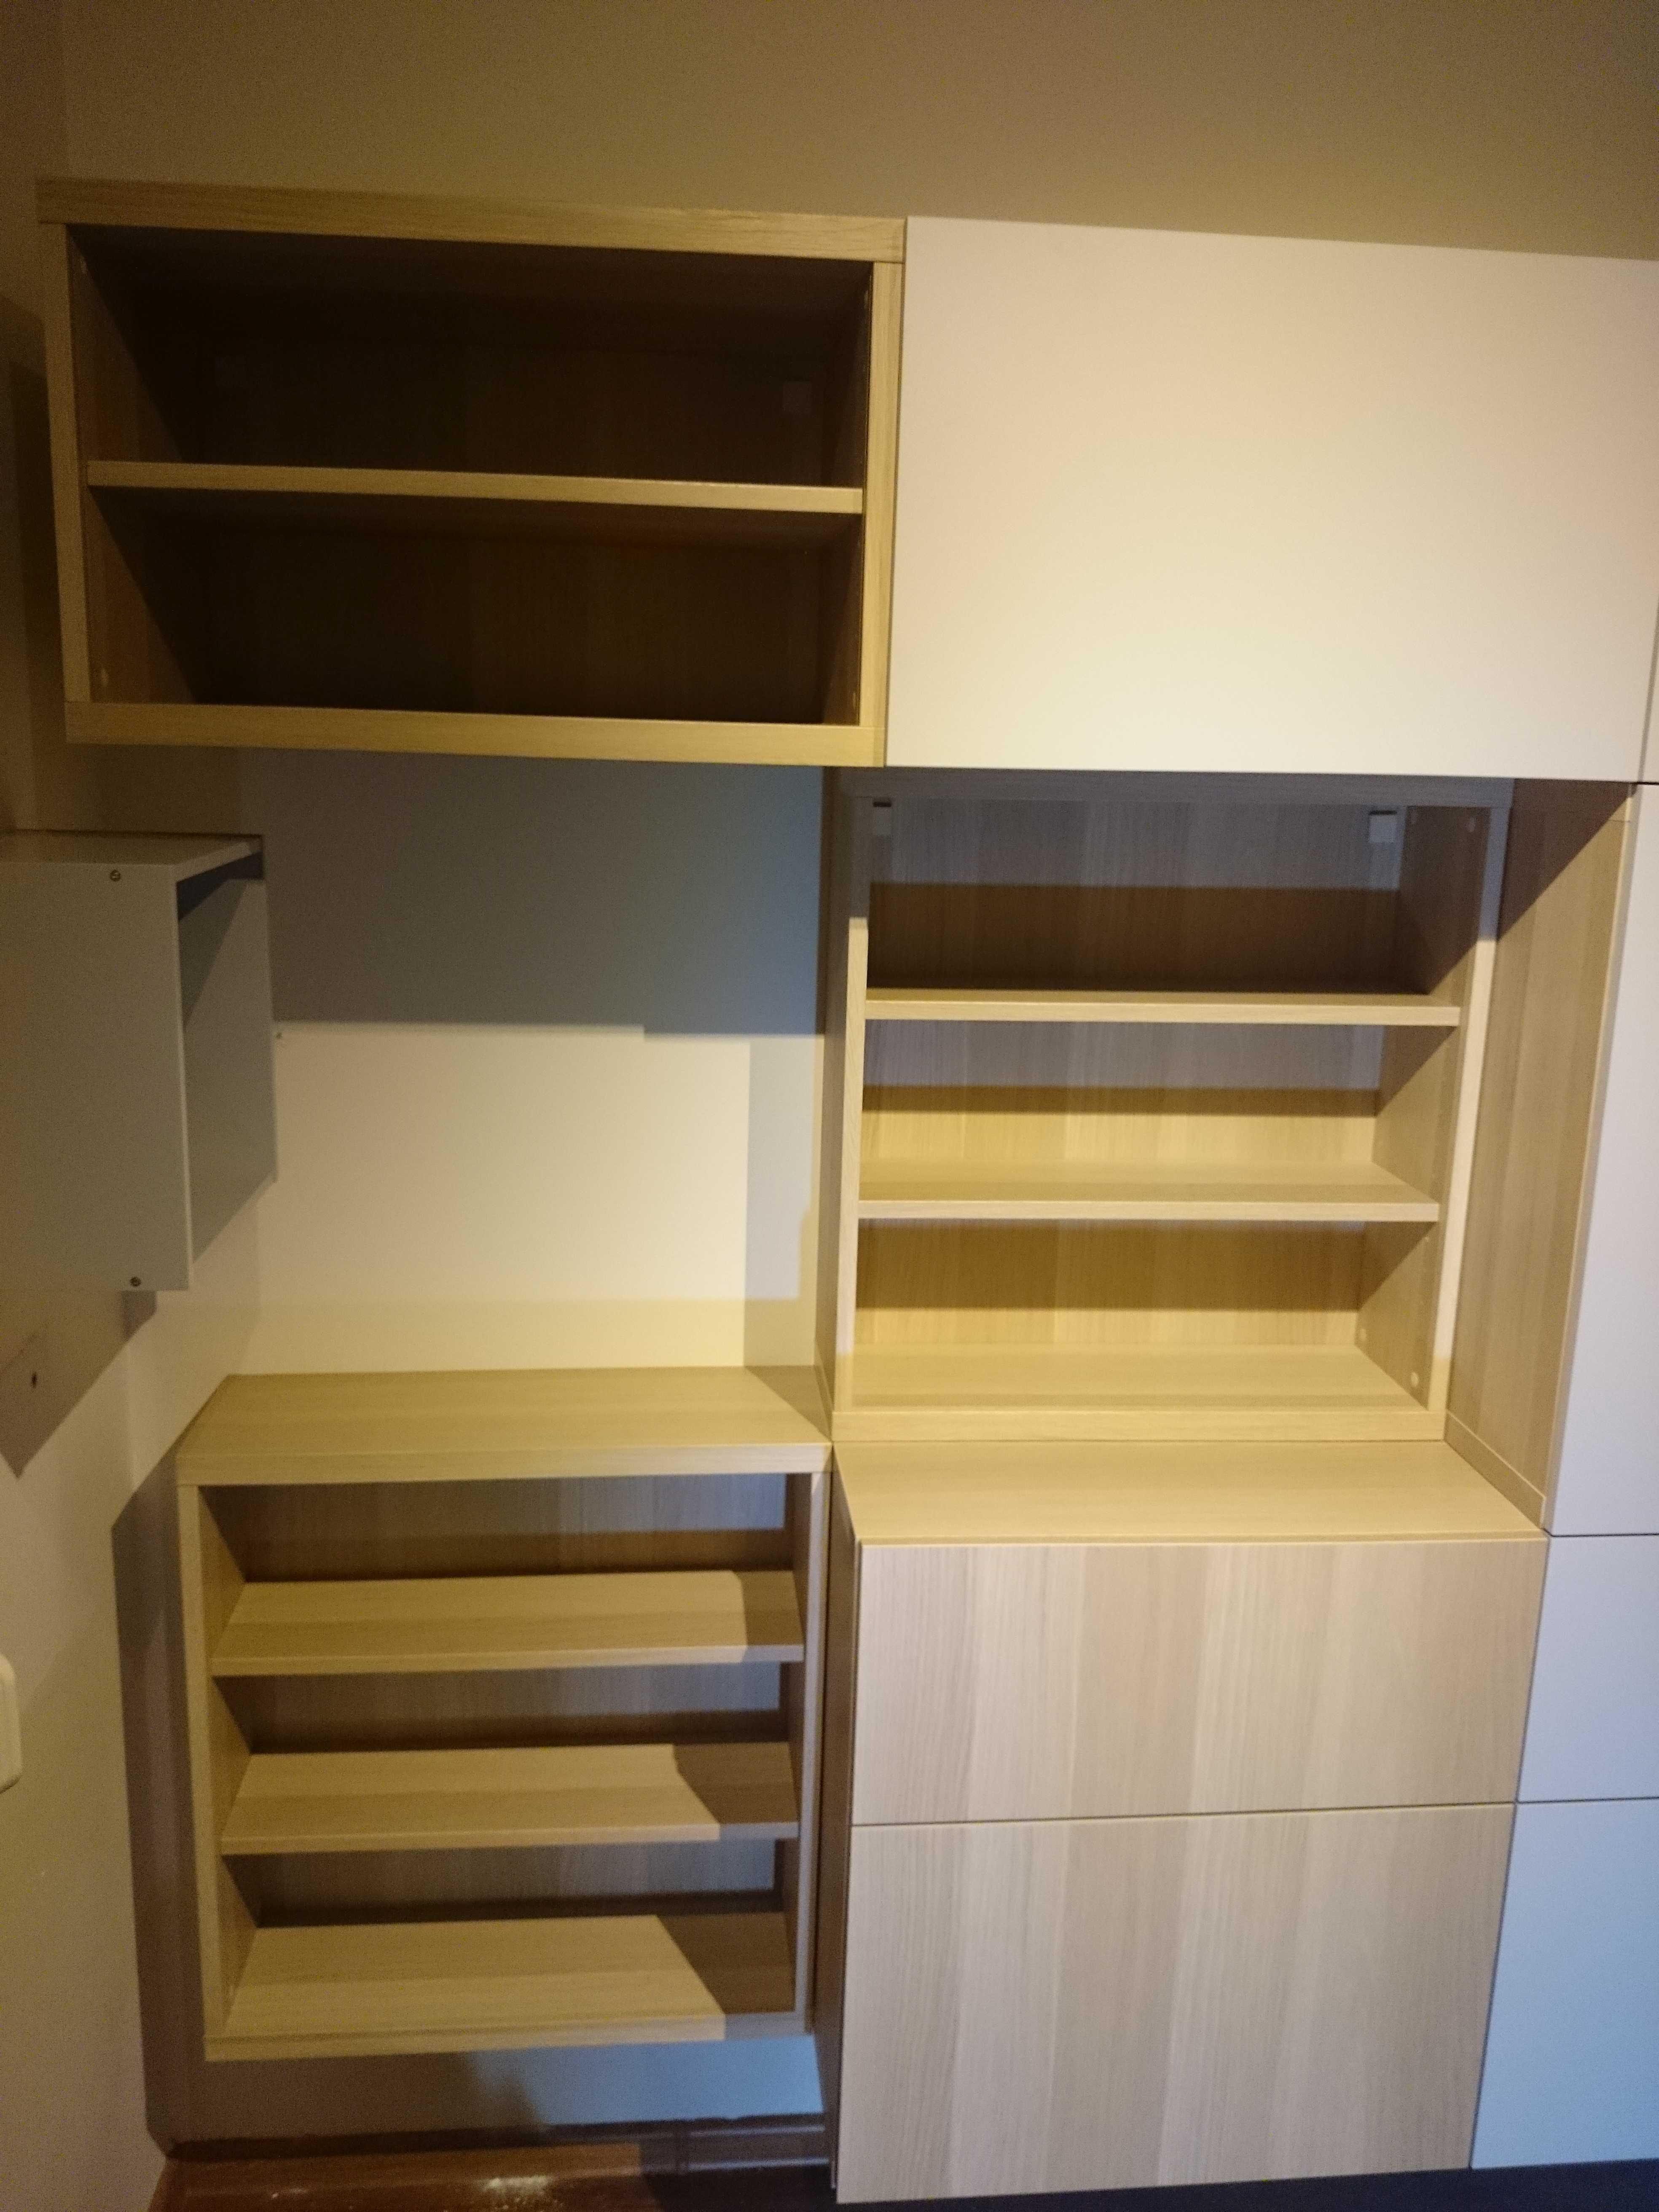 składanie i montaż szafek wiszących BESTA Kraków Małopolska